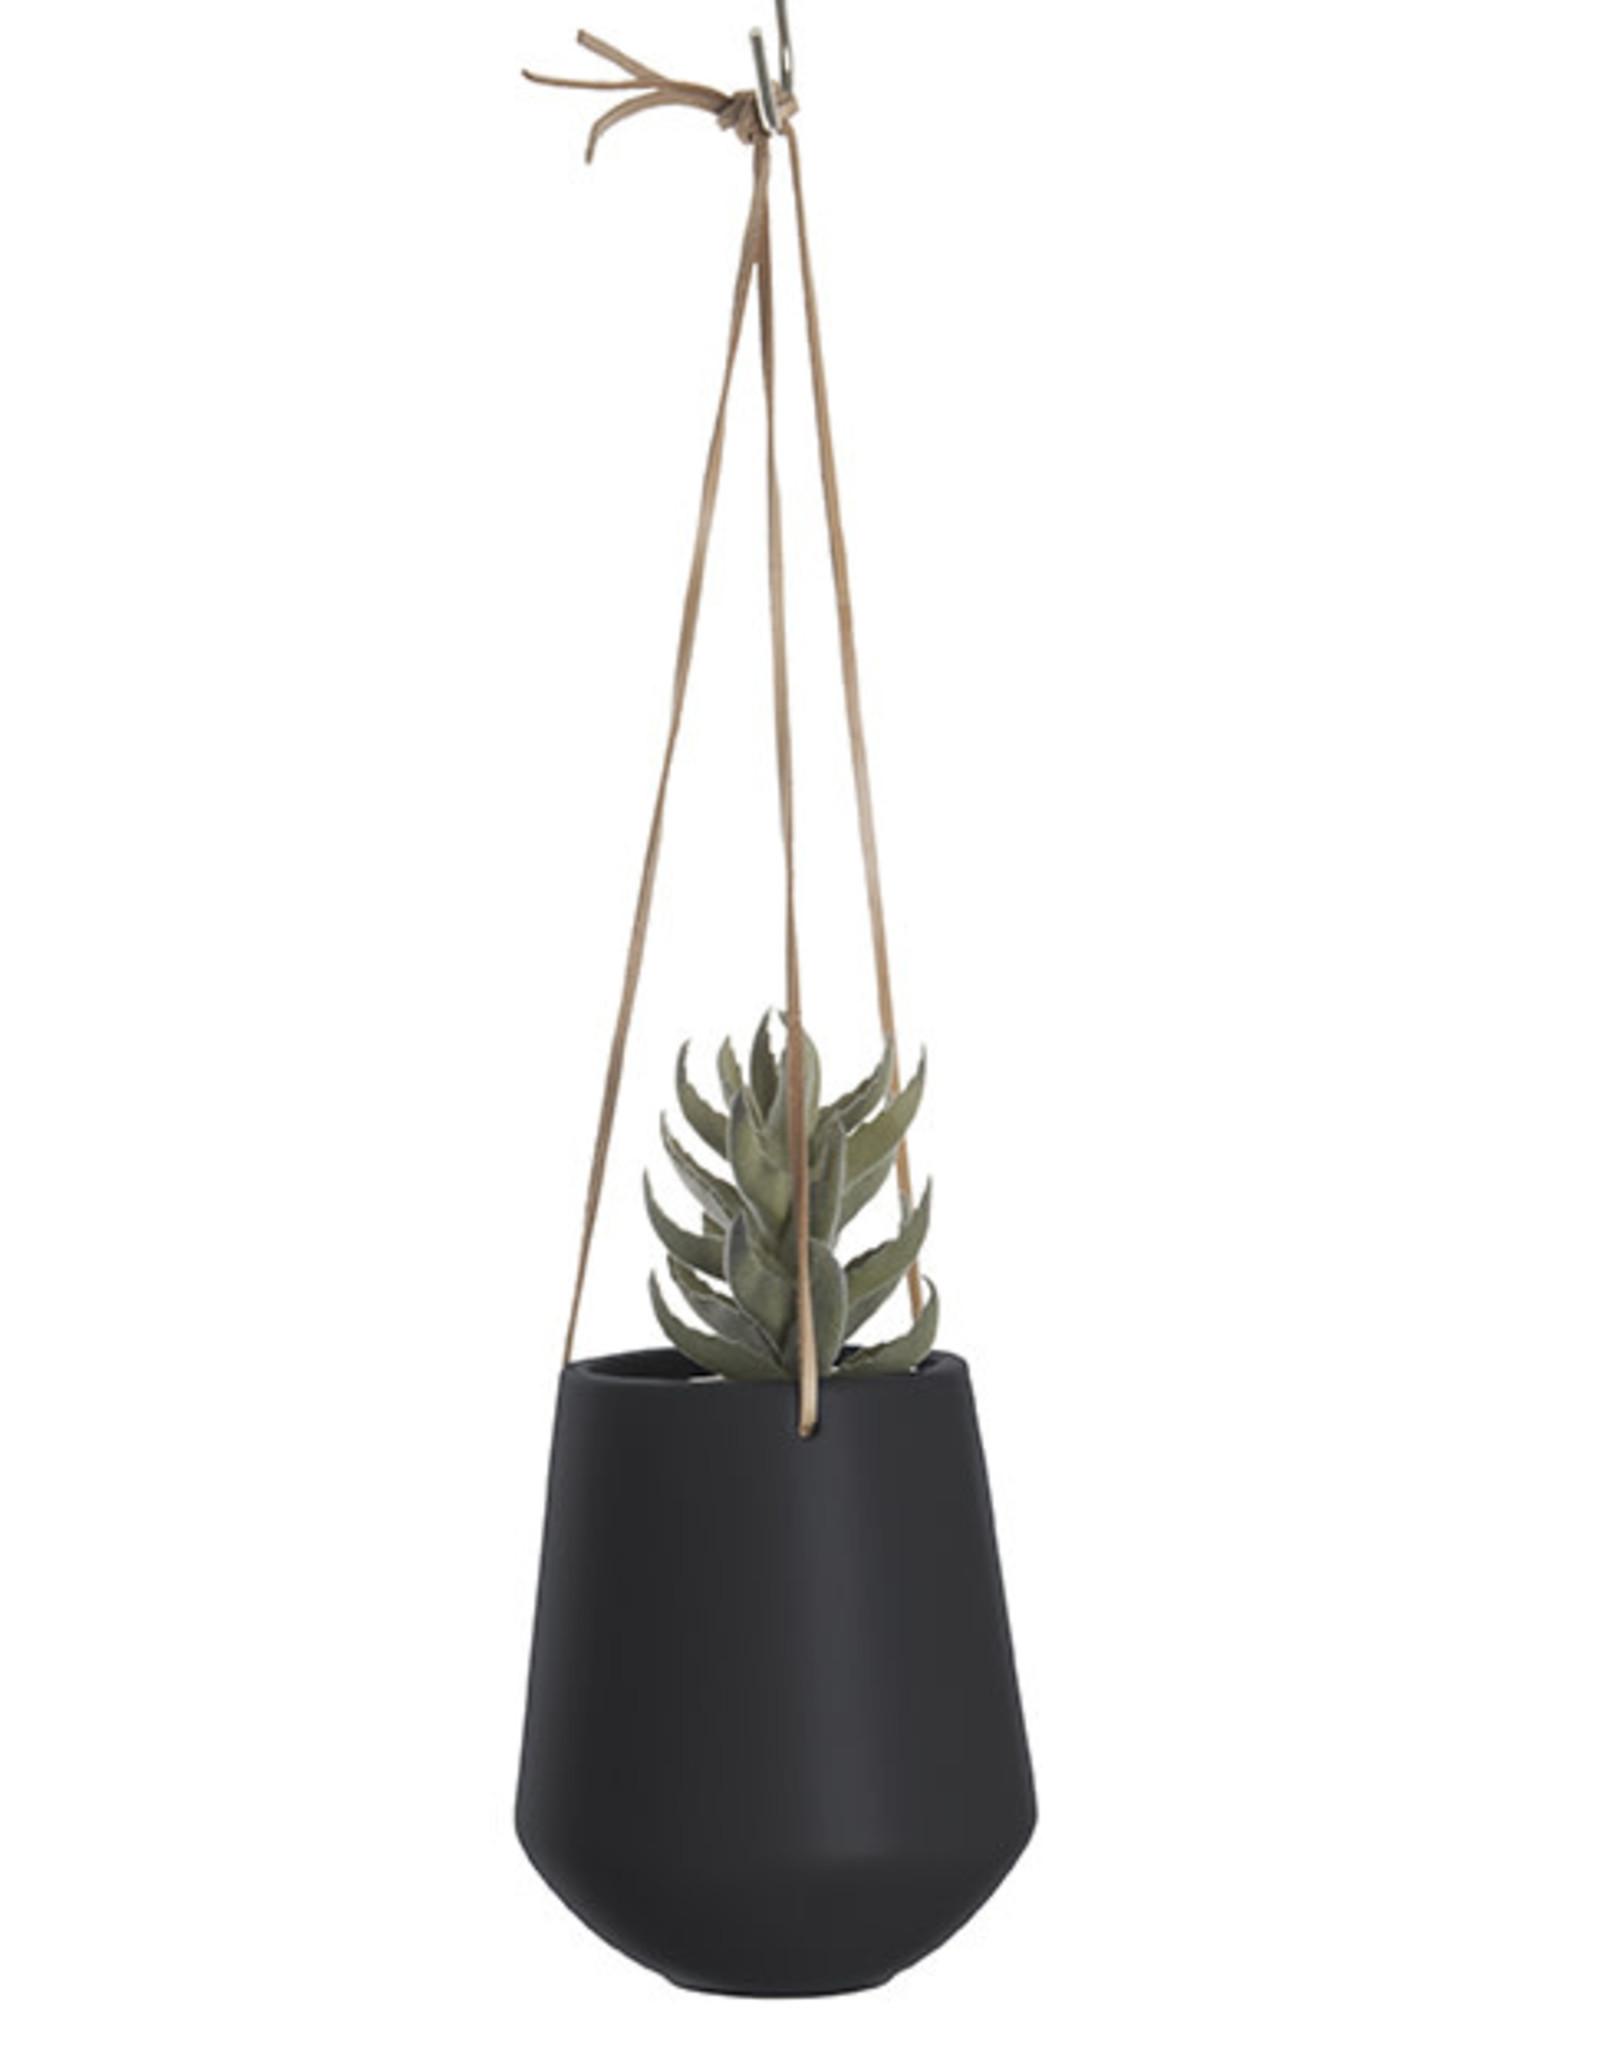 pt Skittle hanging pot Ø9.5 h16 cm - Black